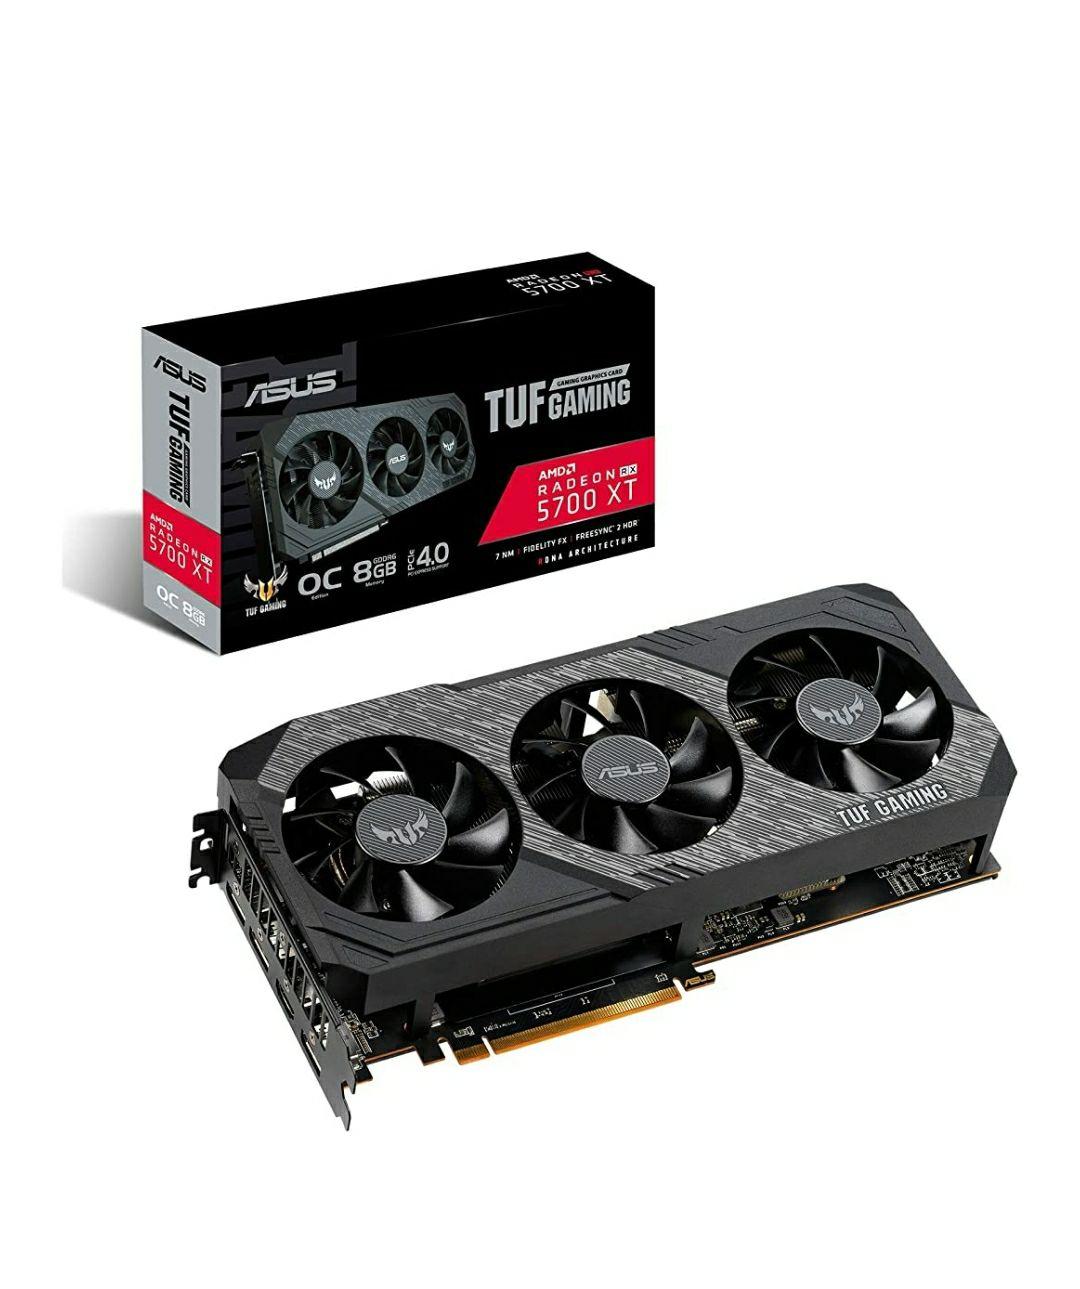 Asus TUF Gaming Radeon RX 5700 XT OC 8GB GDDR6